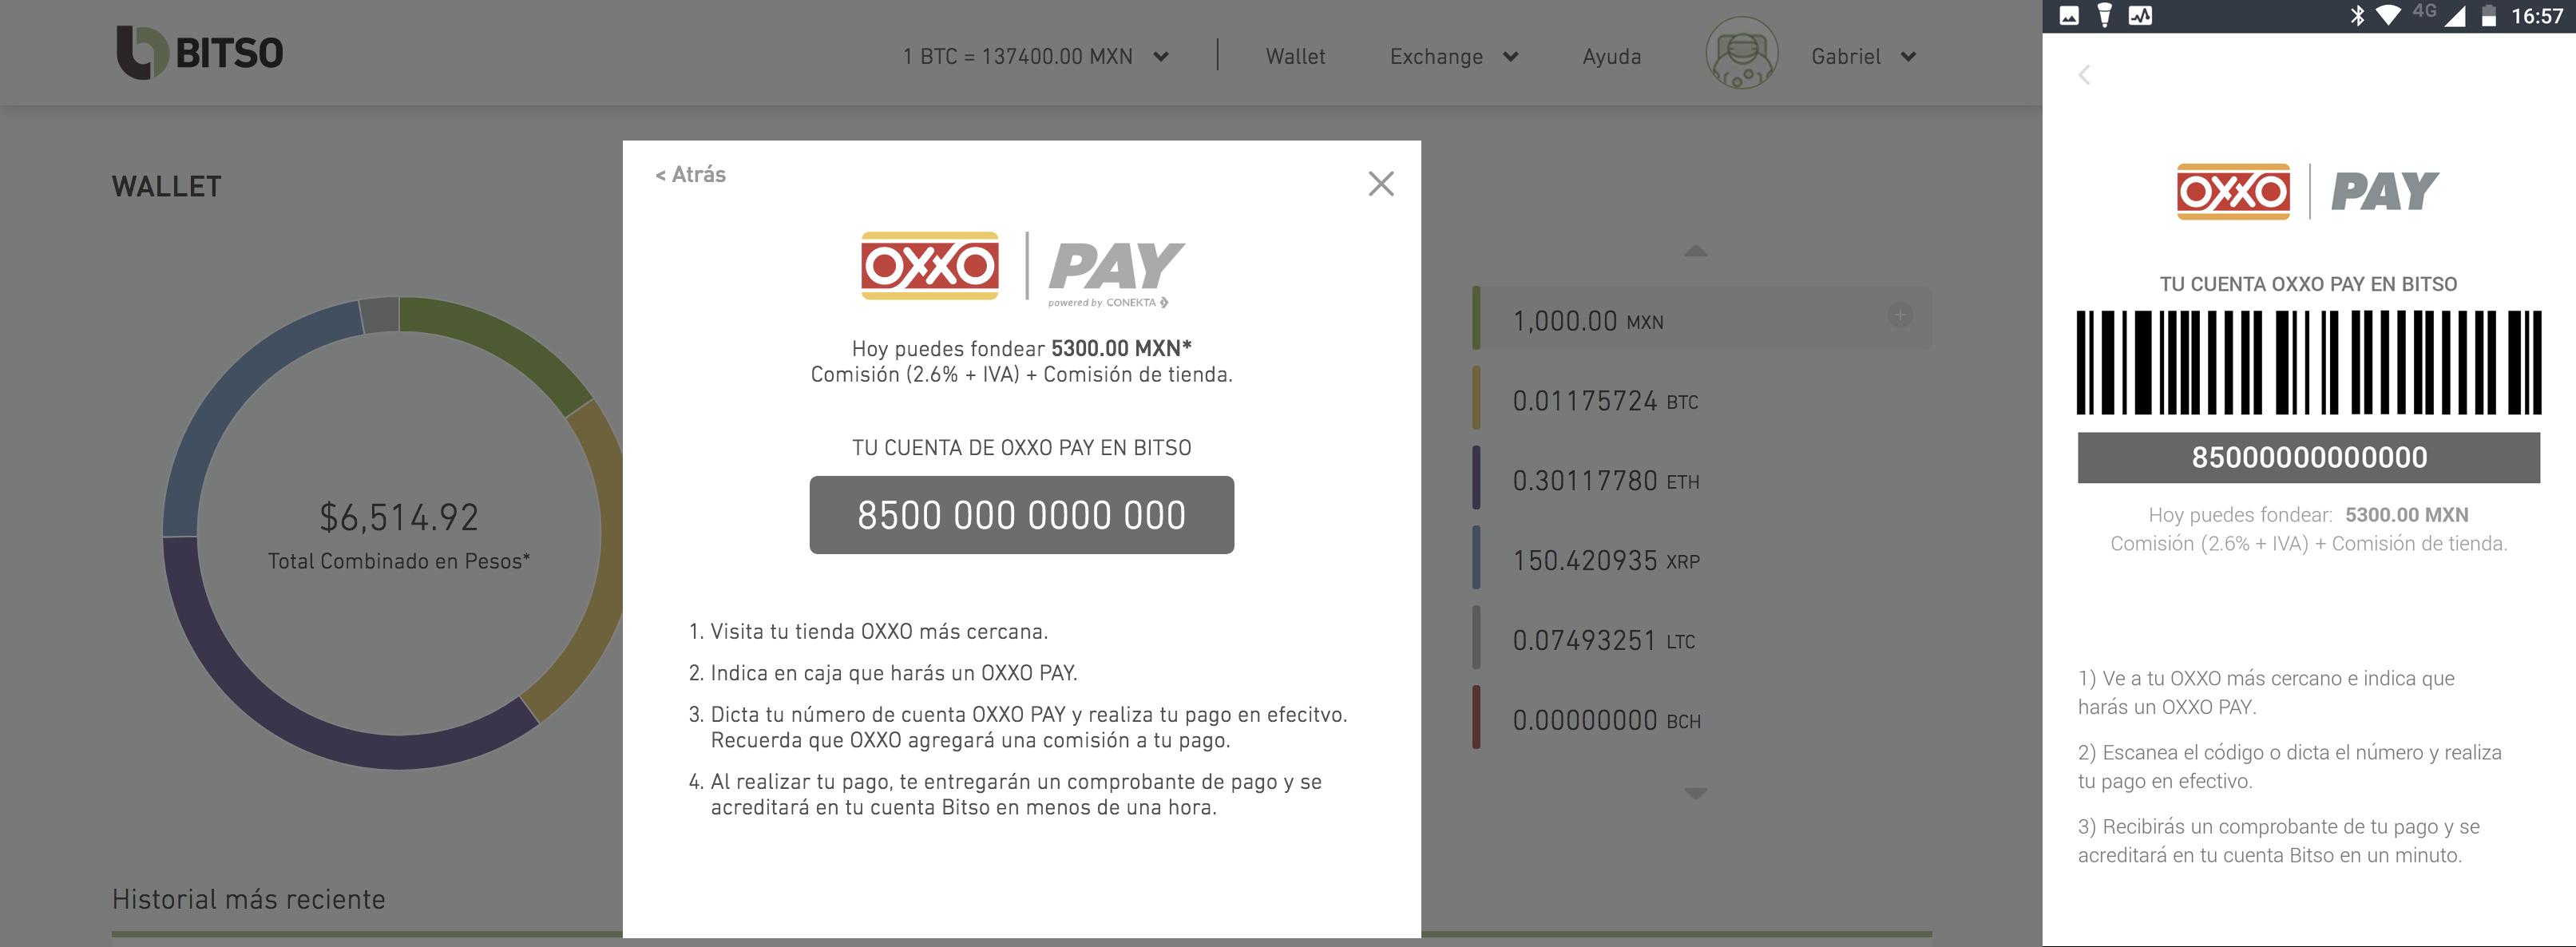 tutorial cómo fondear en efectivo por medio de oxxo centro de ayuda